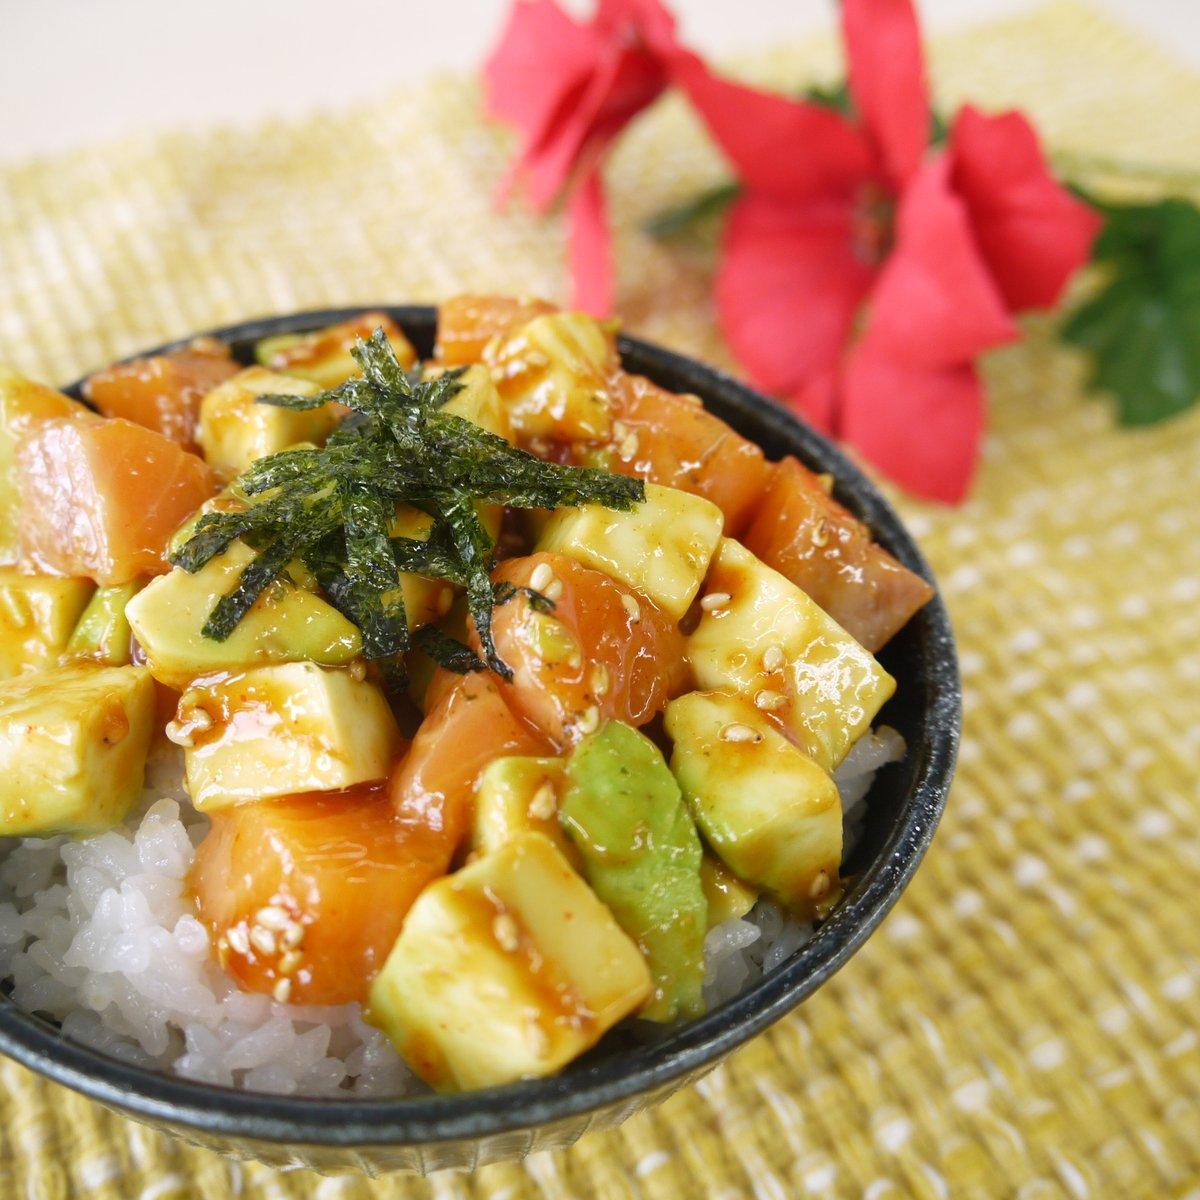 クラシルさんの「アボカドとサーモンユッケ丼」作ってみました。これ、ペロリですよ。#作ってみた #料理記録 ↓作り方